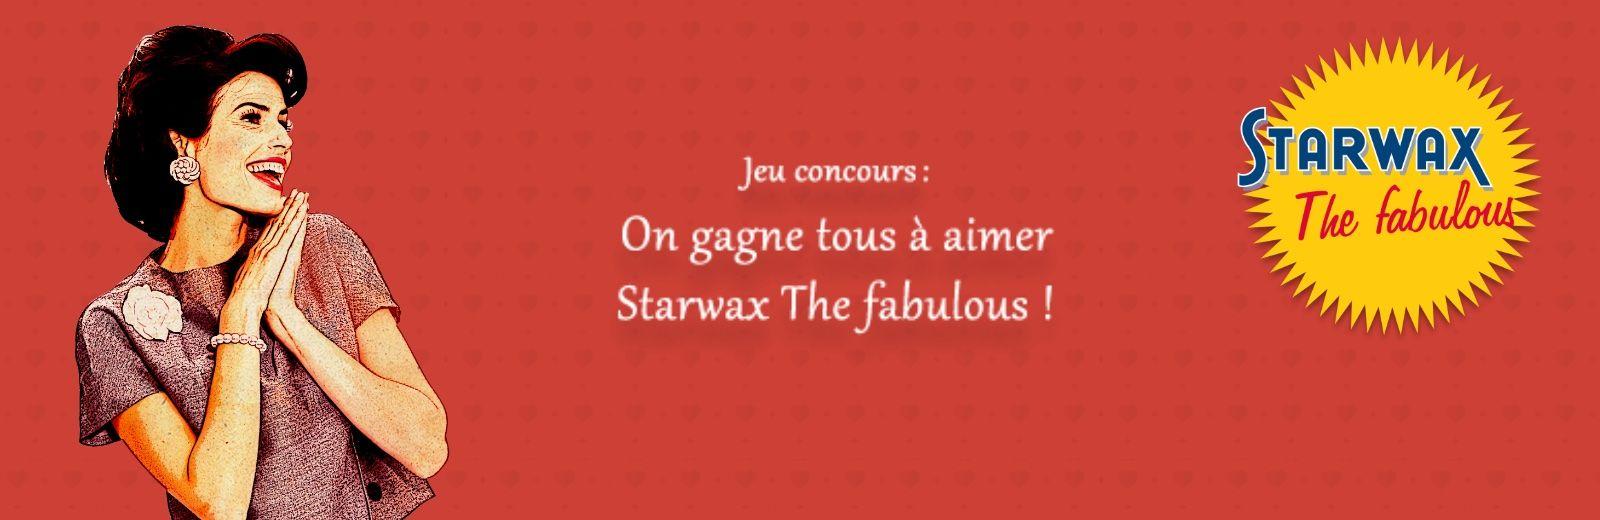 Concours : La plus belle déclaration d'amour pour Starwax The fabulous